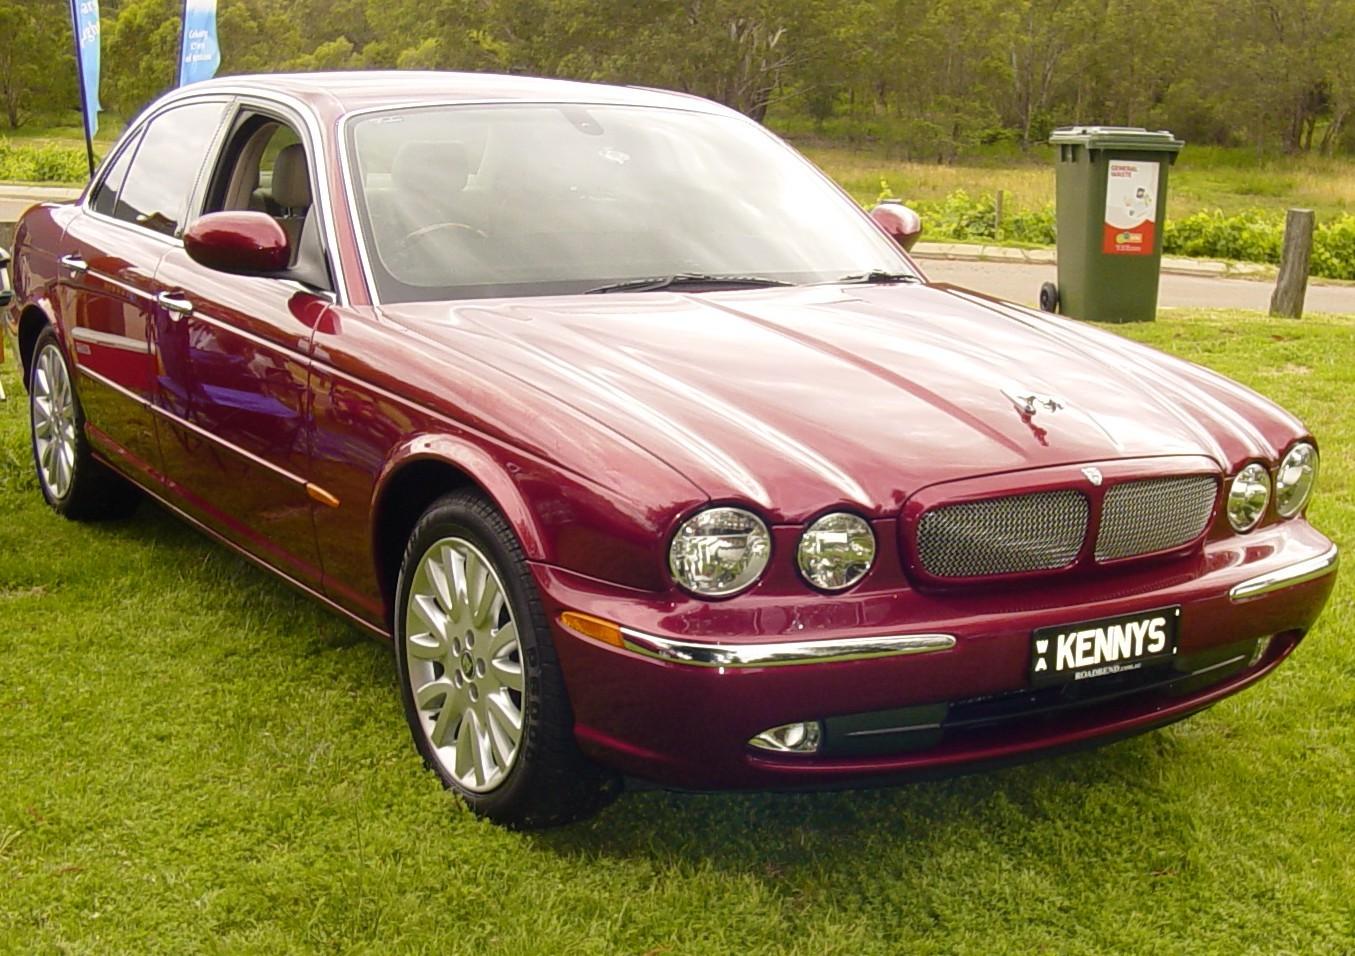 2004 Jaguar XJ 6 X350 - kennys2004 - Shannons Club